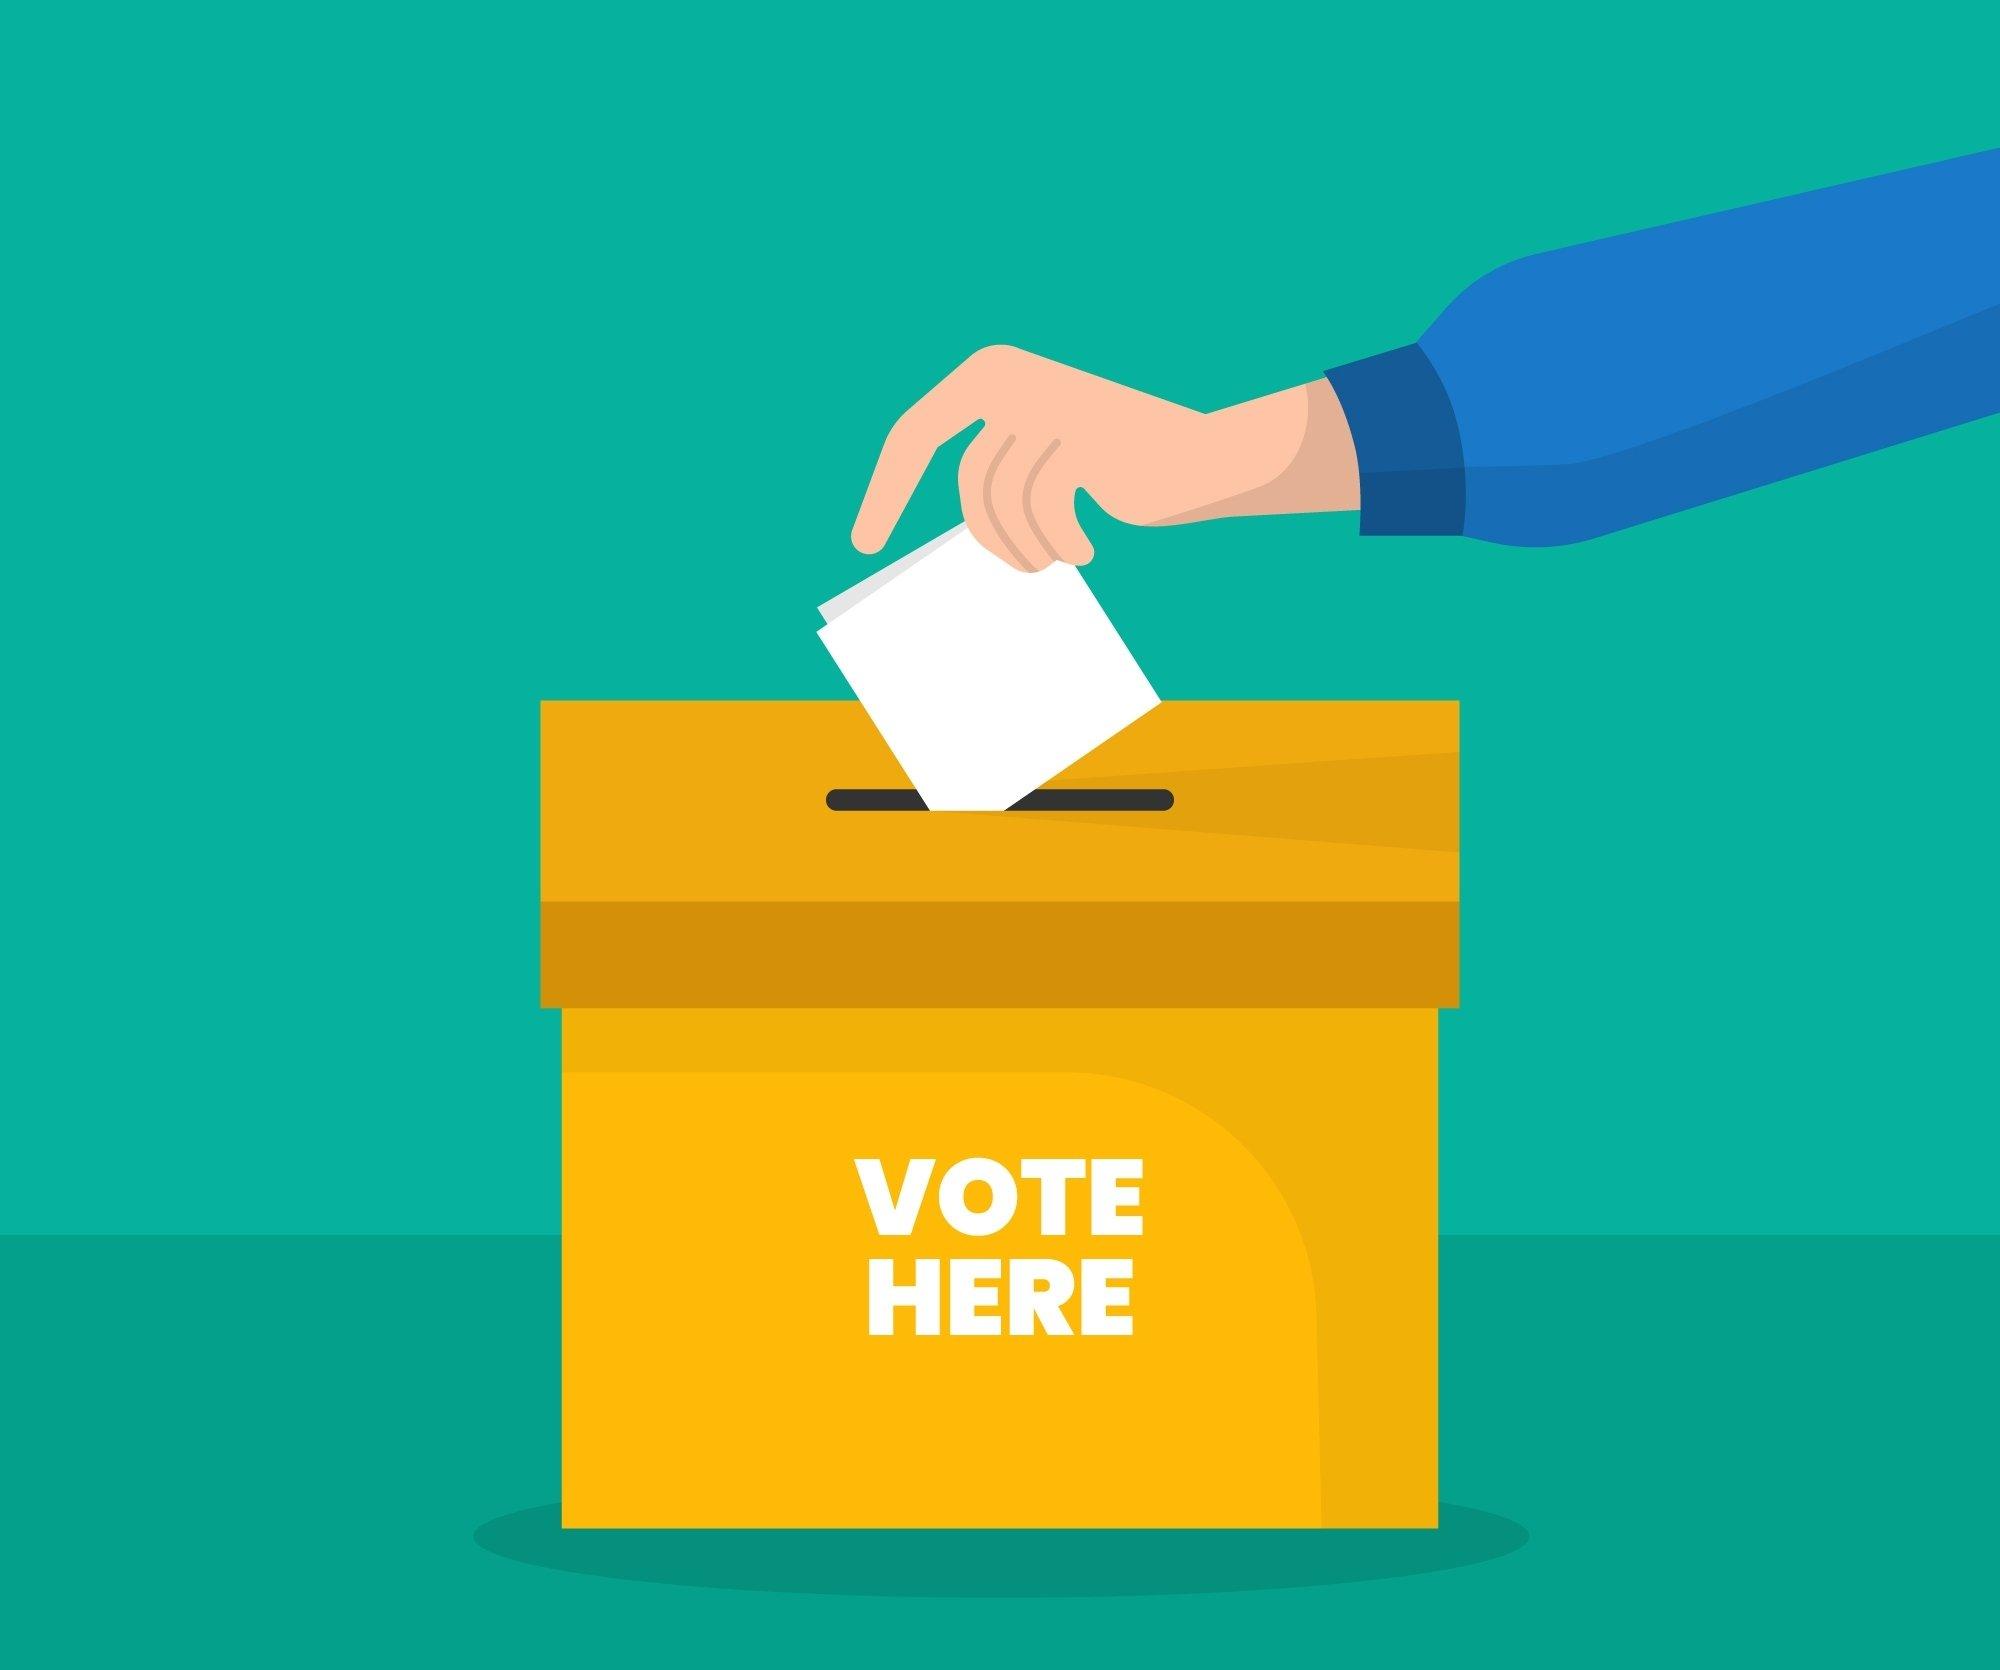 Ilustración en la que una persona deposita su voto en una urna